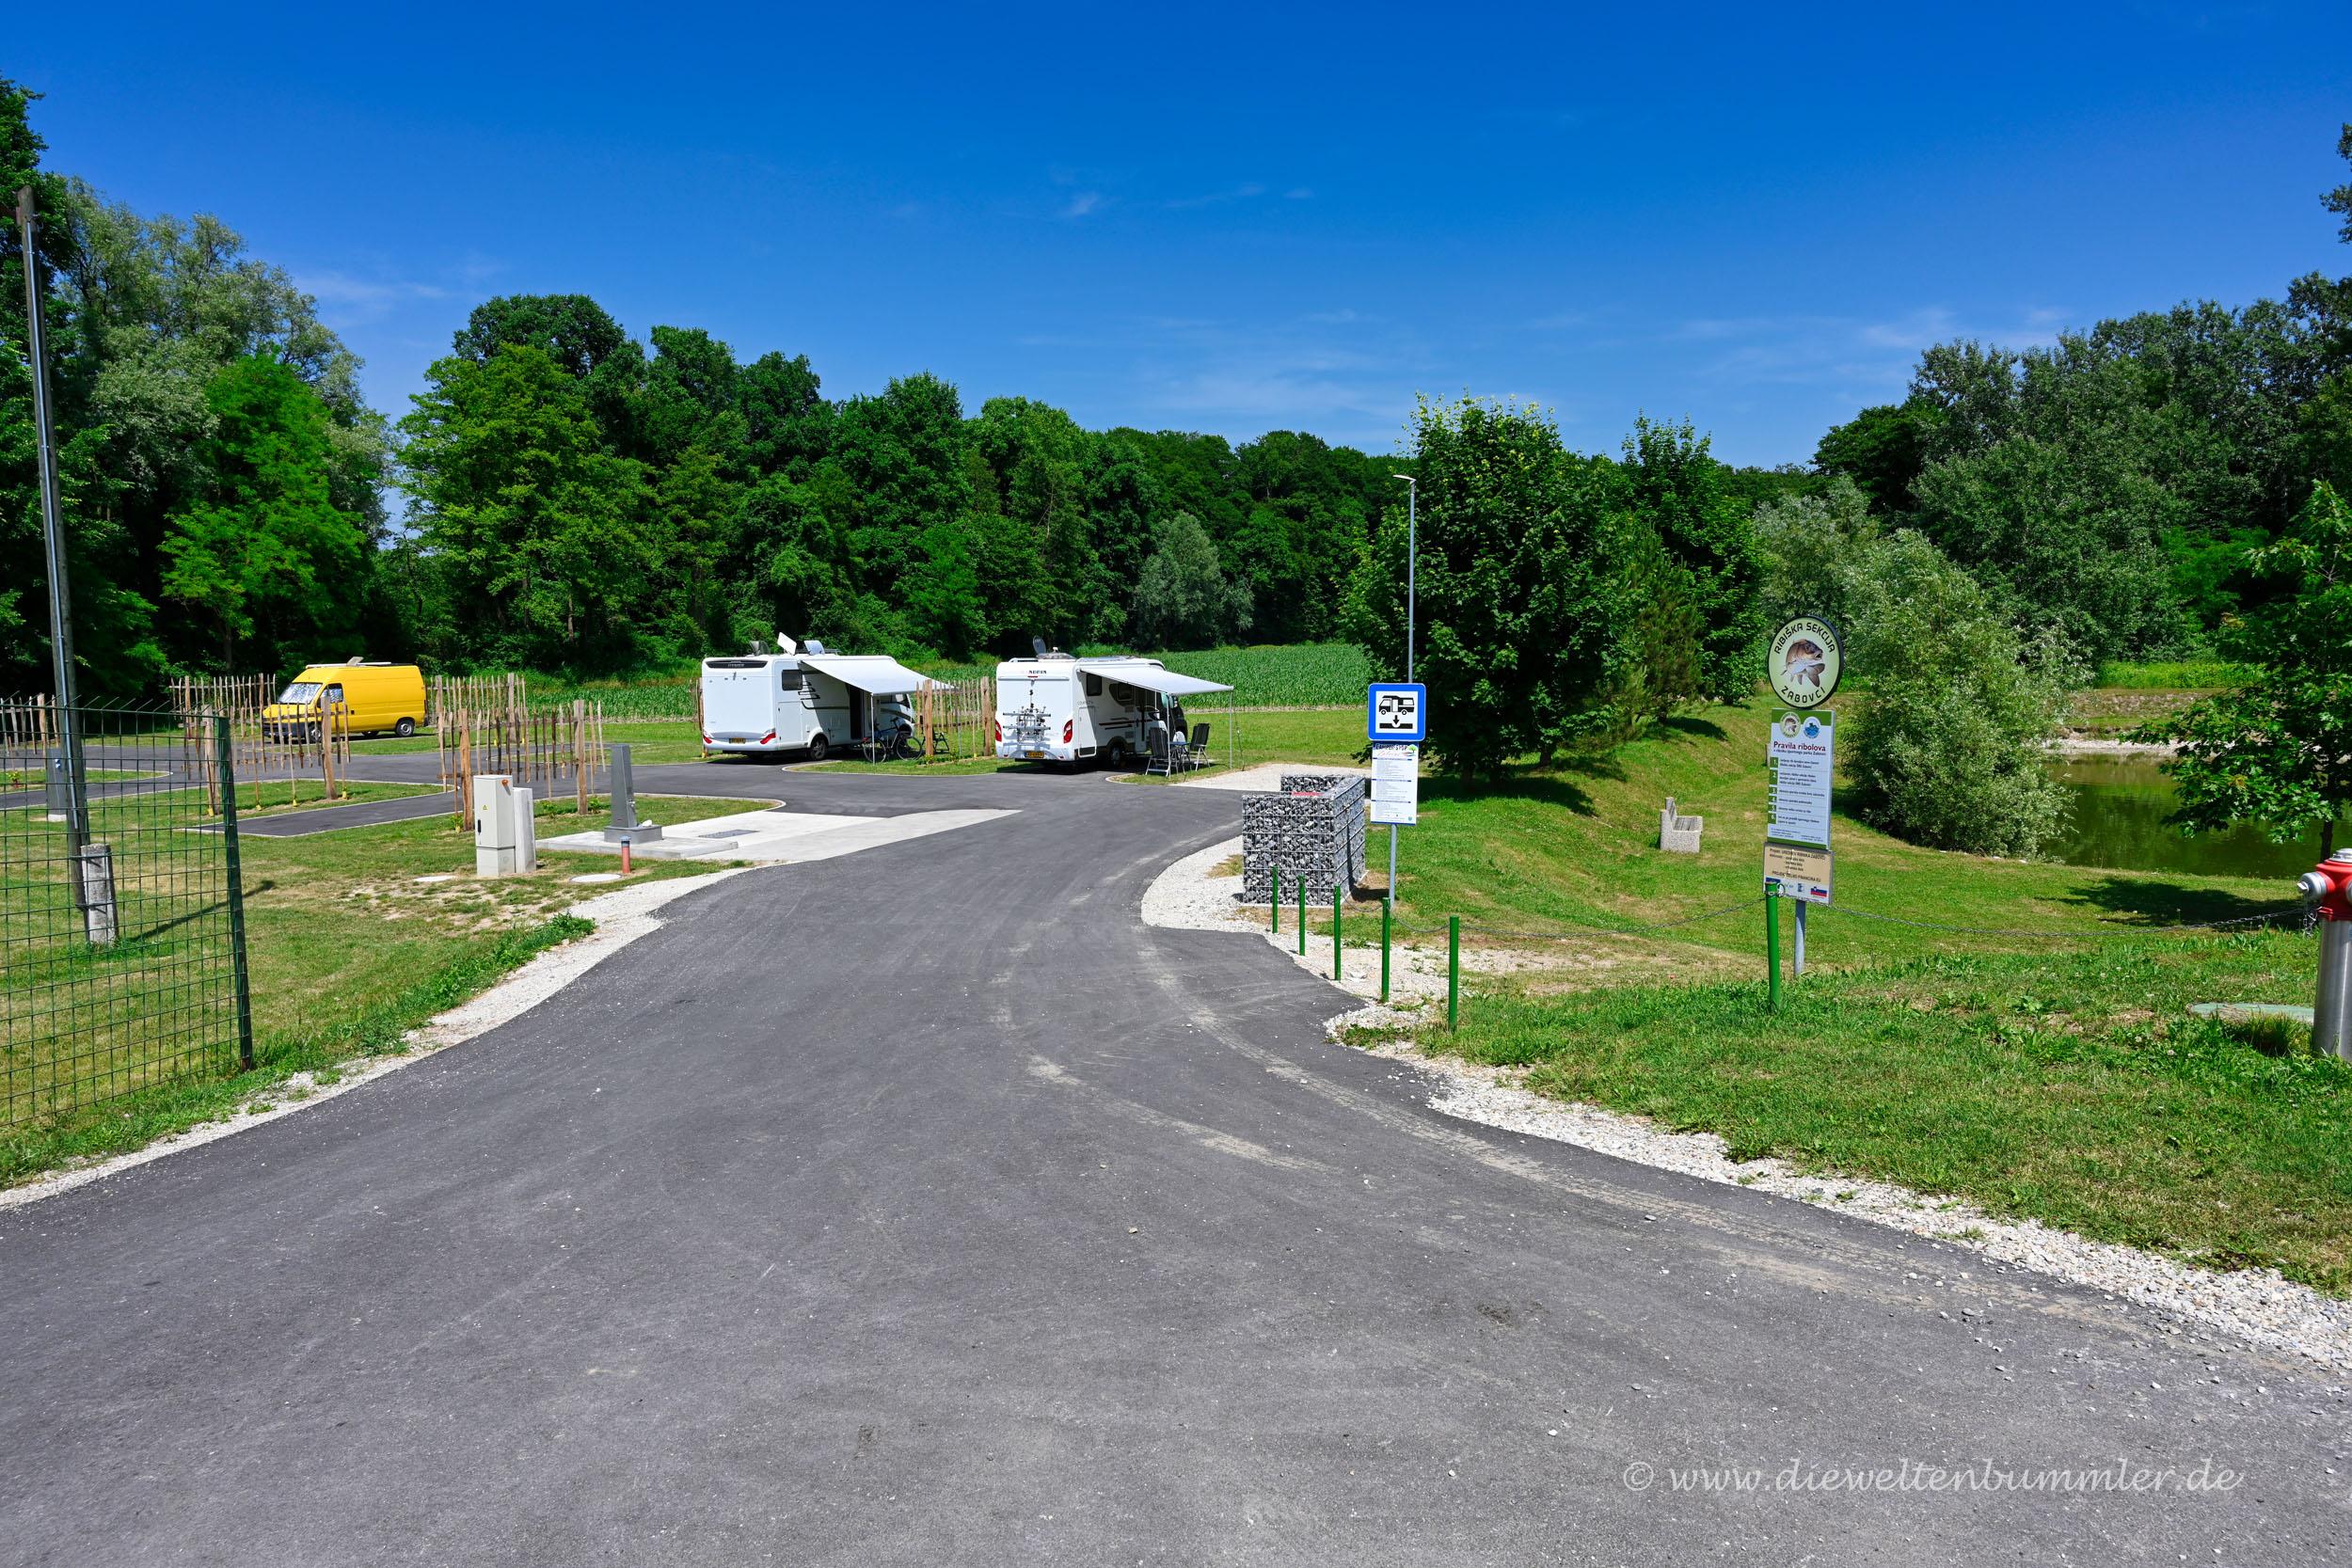 Wohnmobilstellplatz in Slowenien